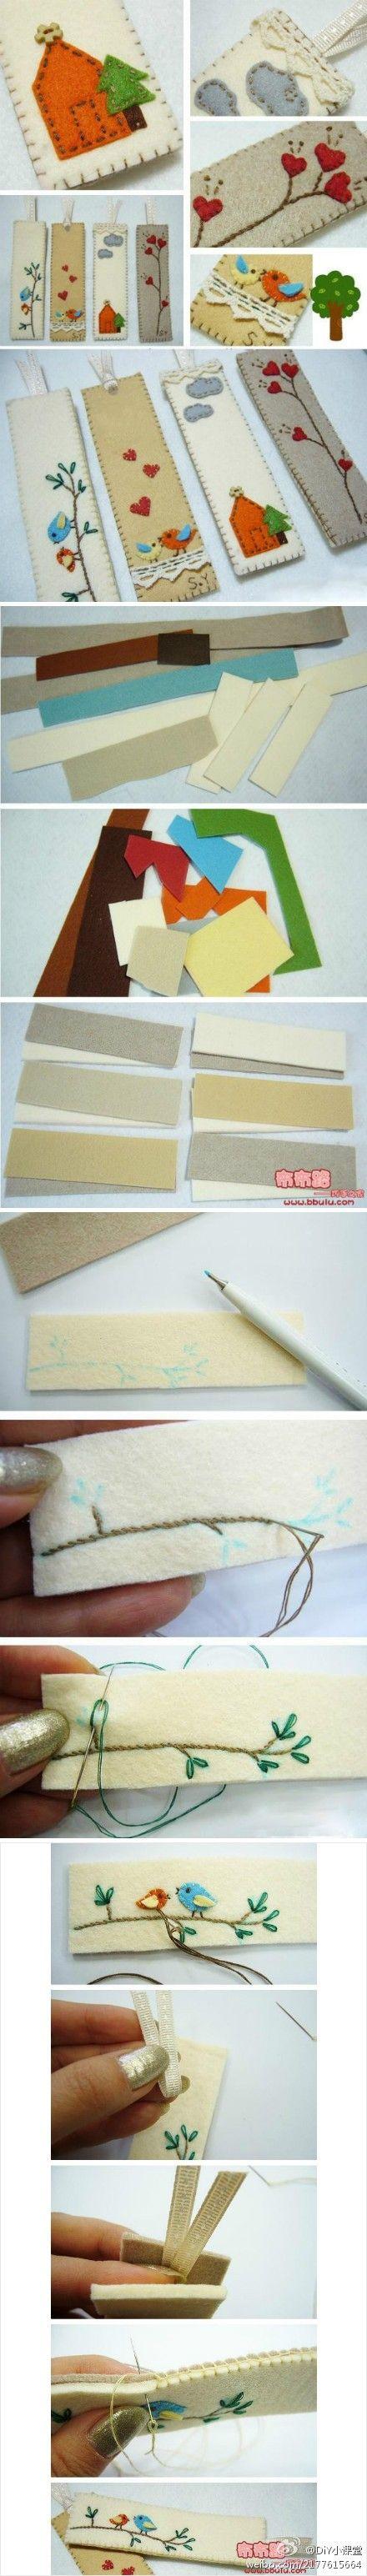 grāmatzīmes no filca marcadores de livros